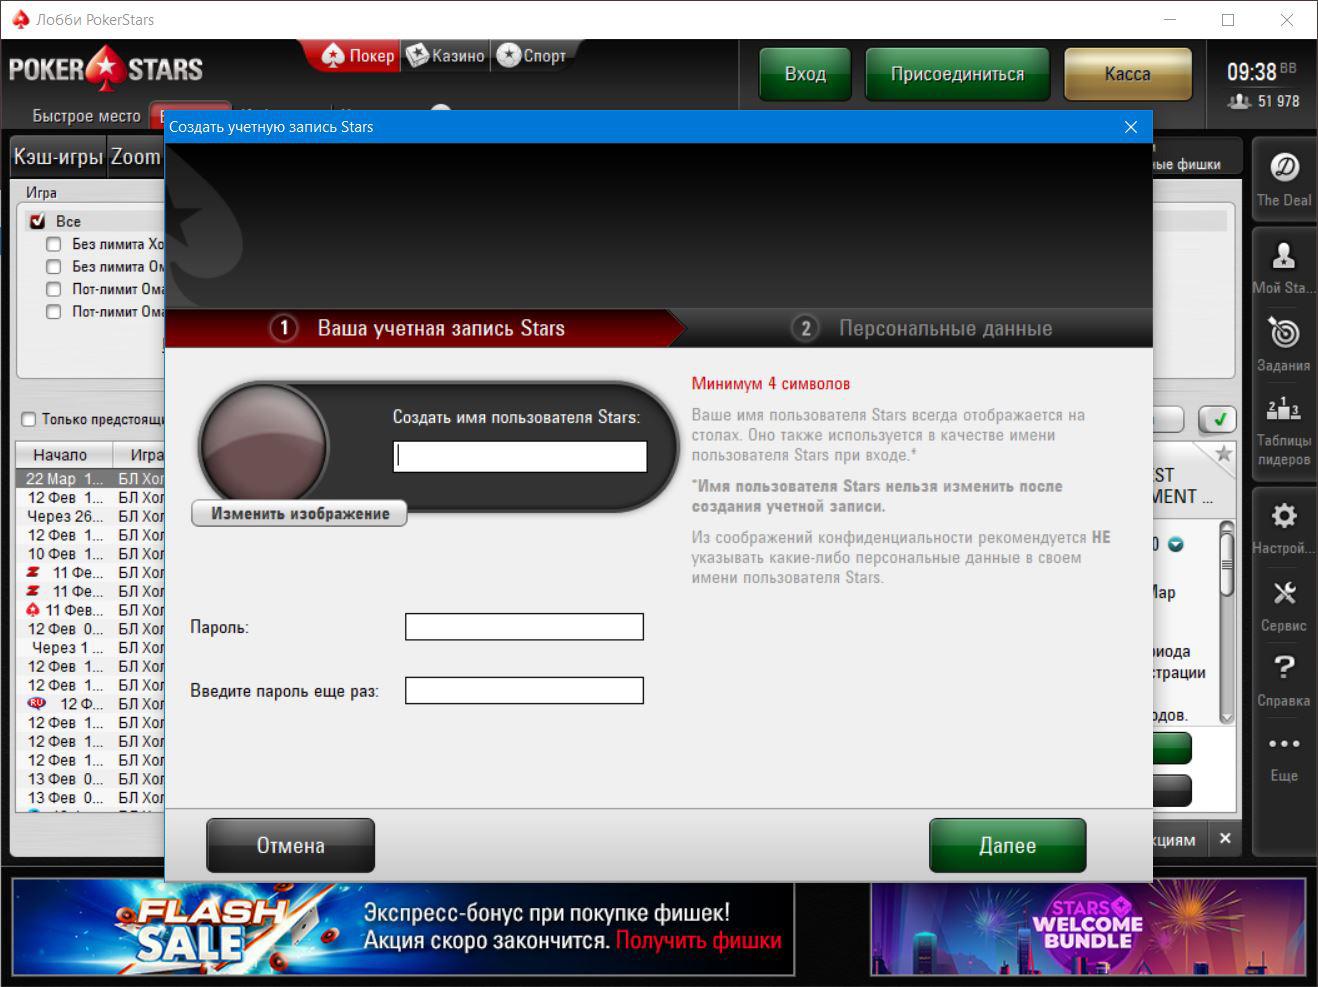 Регистрация в руме PokerStars через клиент для компьютера.